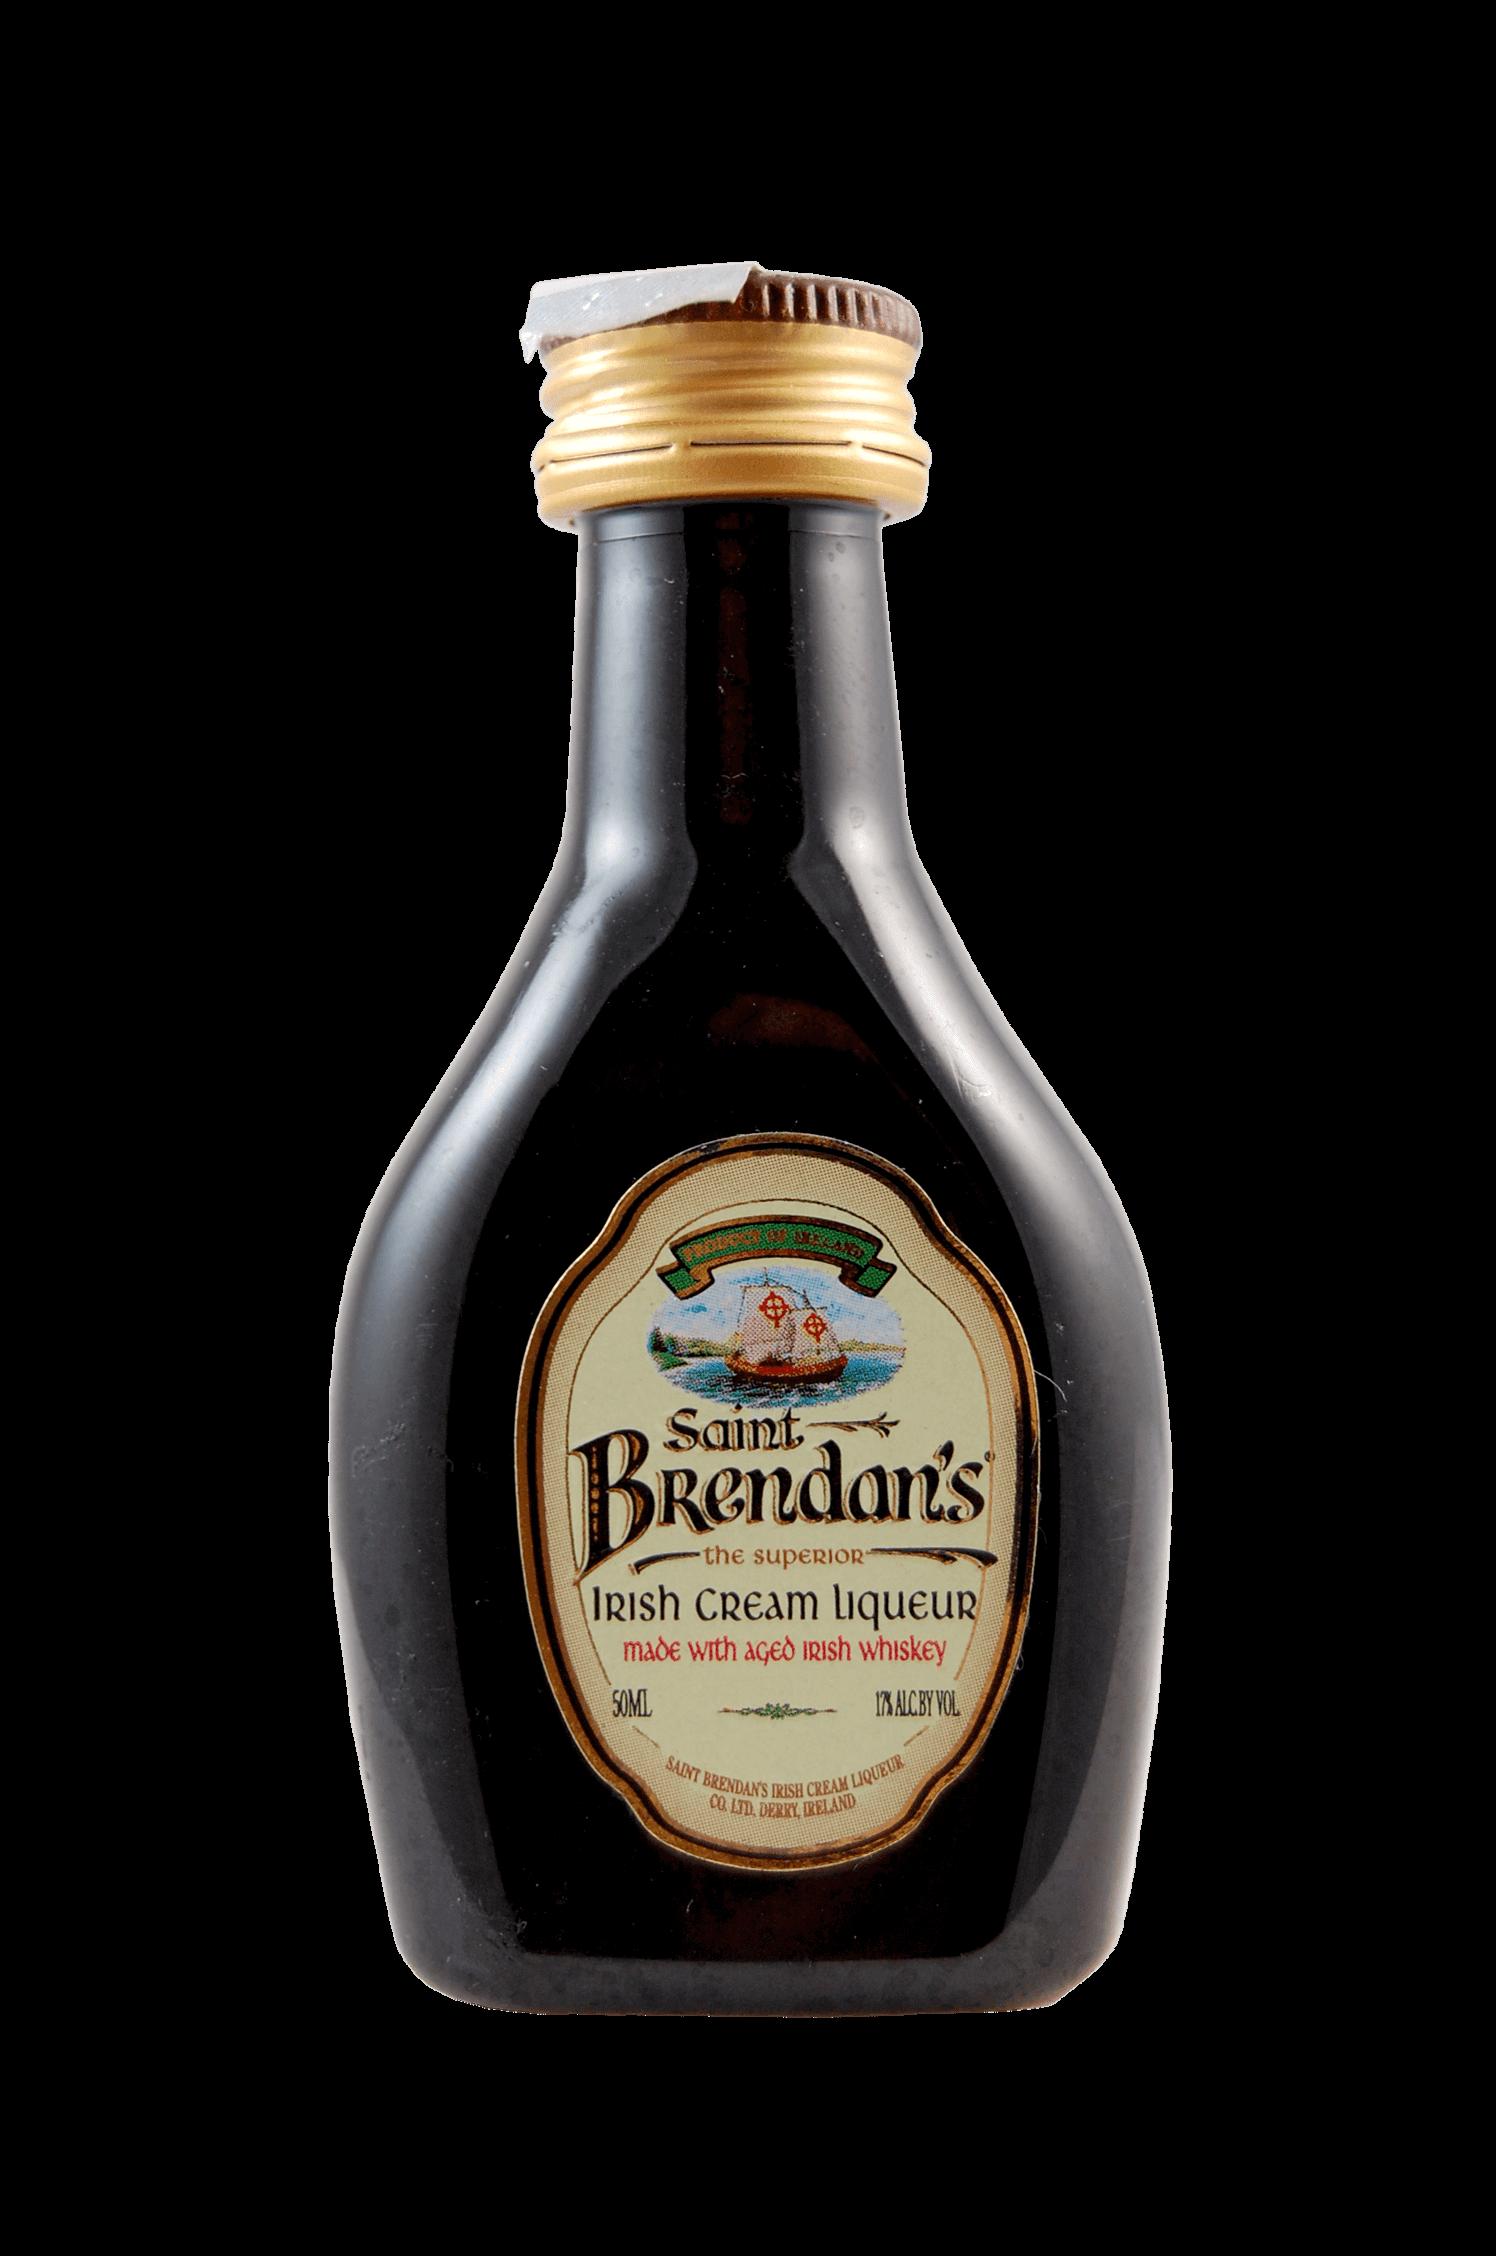 Saint Brendans Liqueur